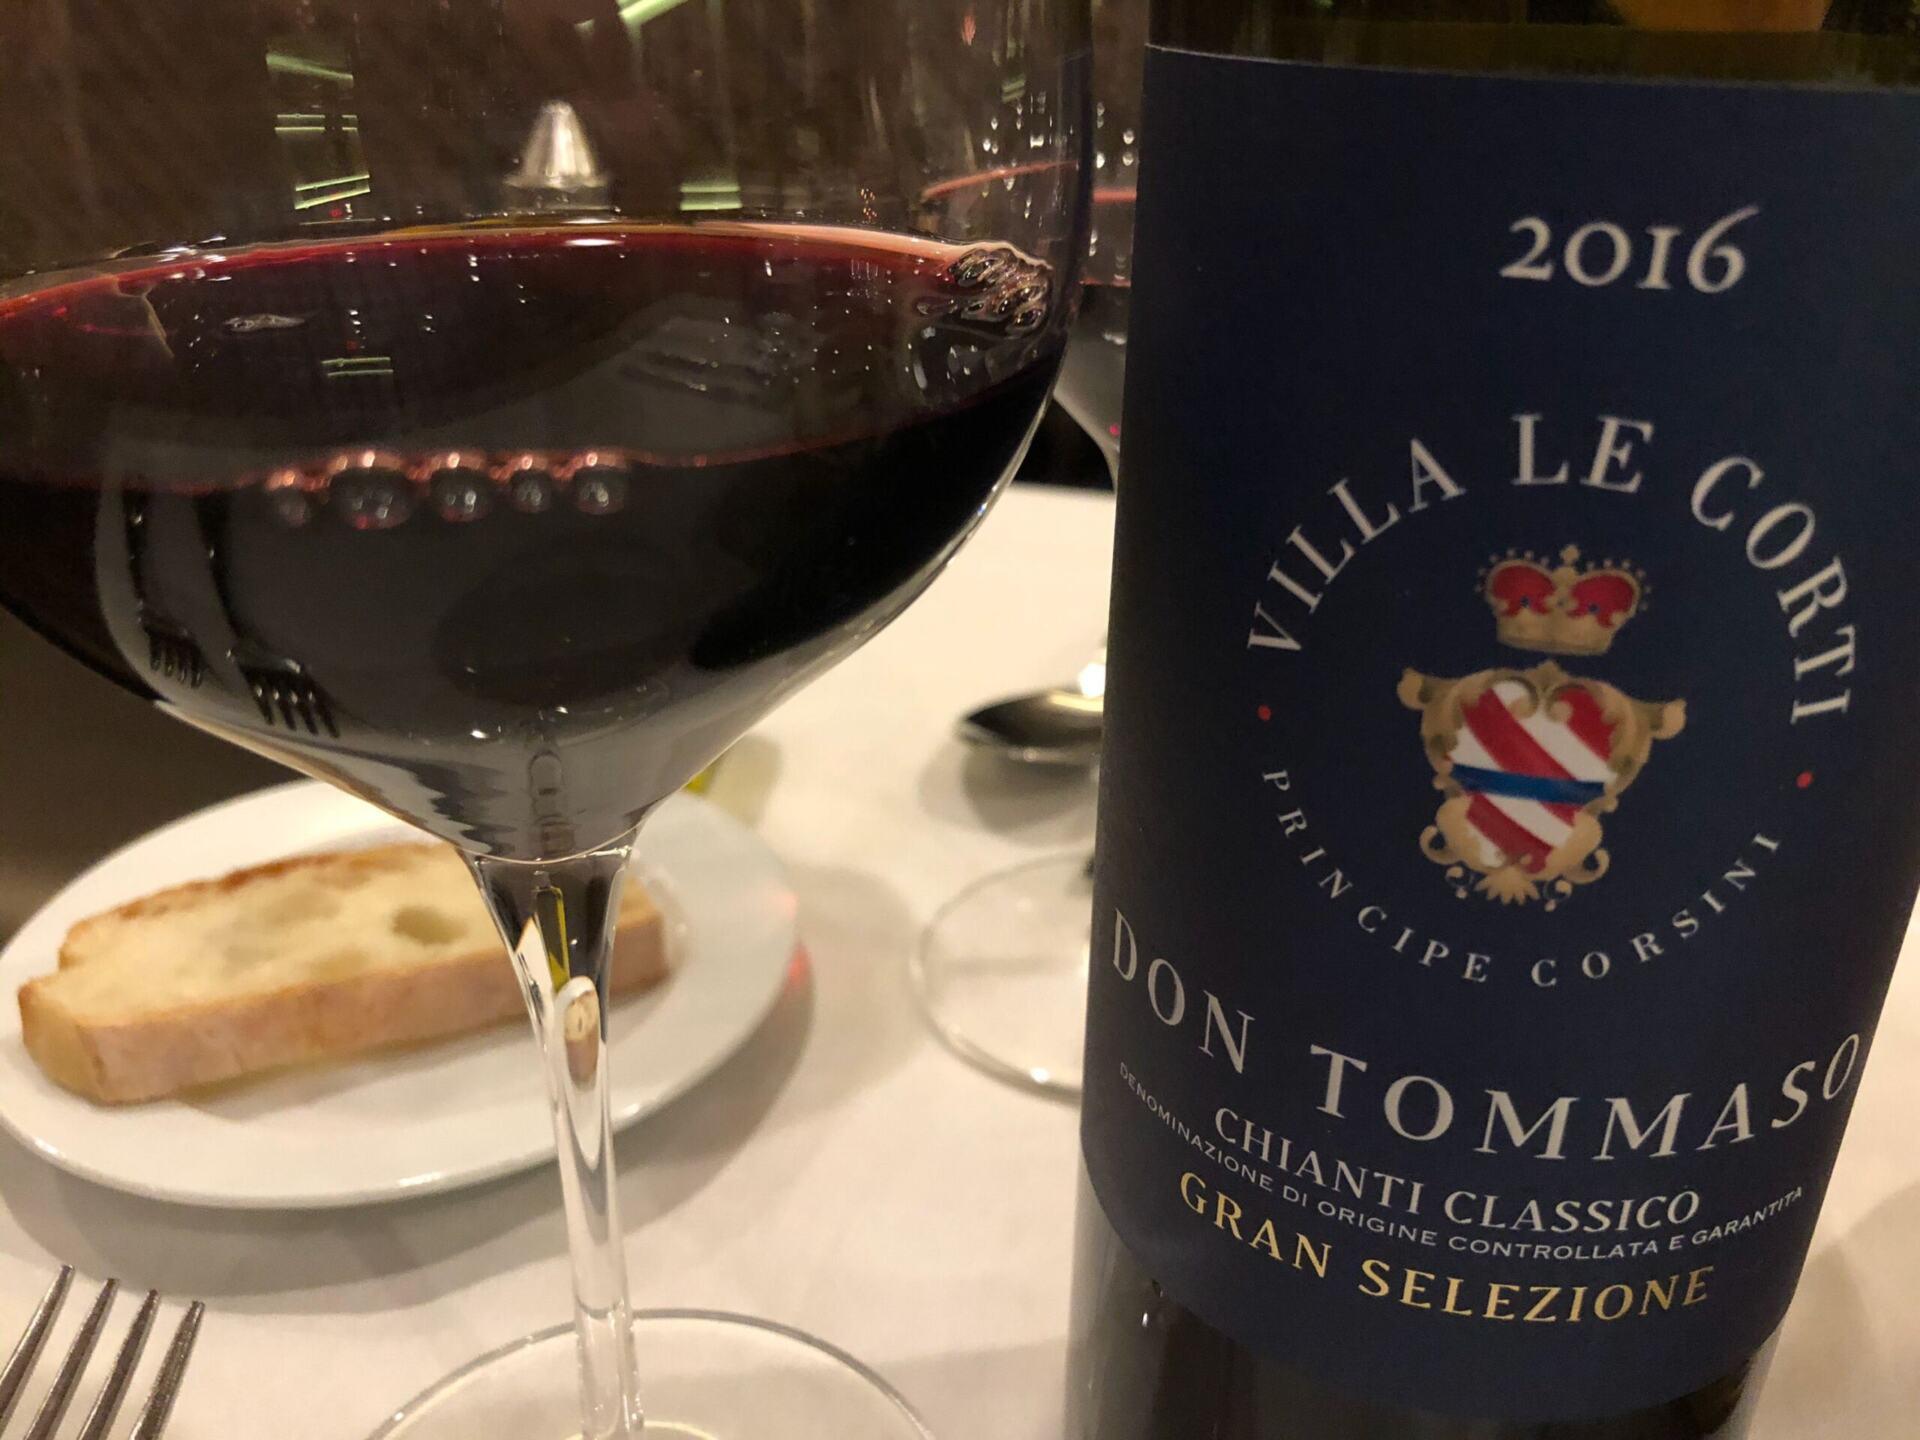 Don Tomasso Gran Selezione